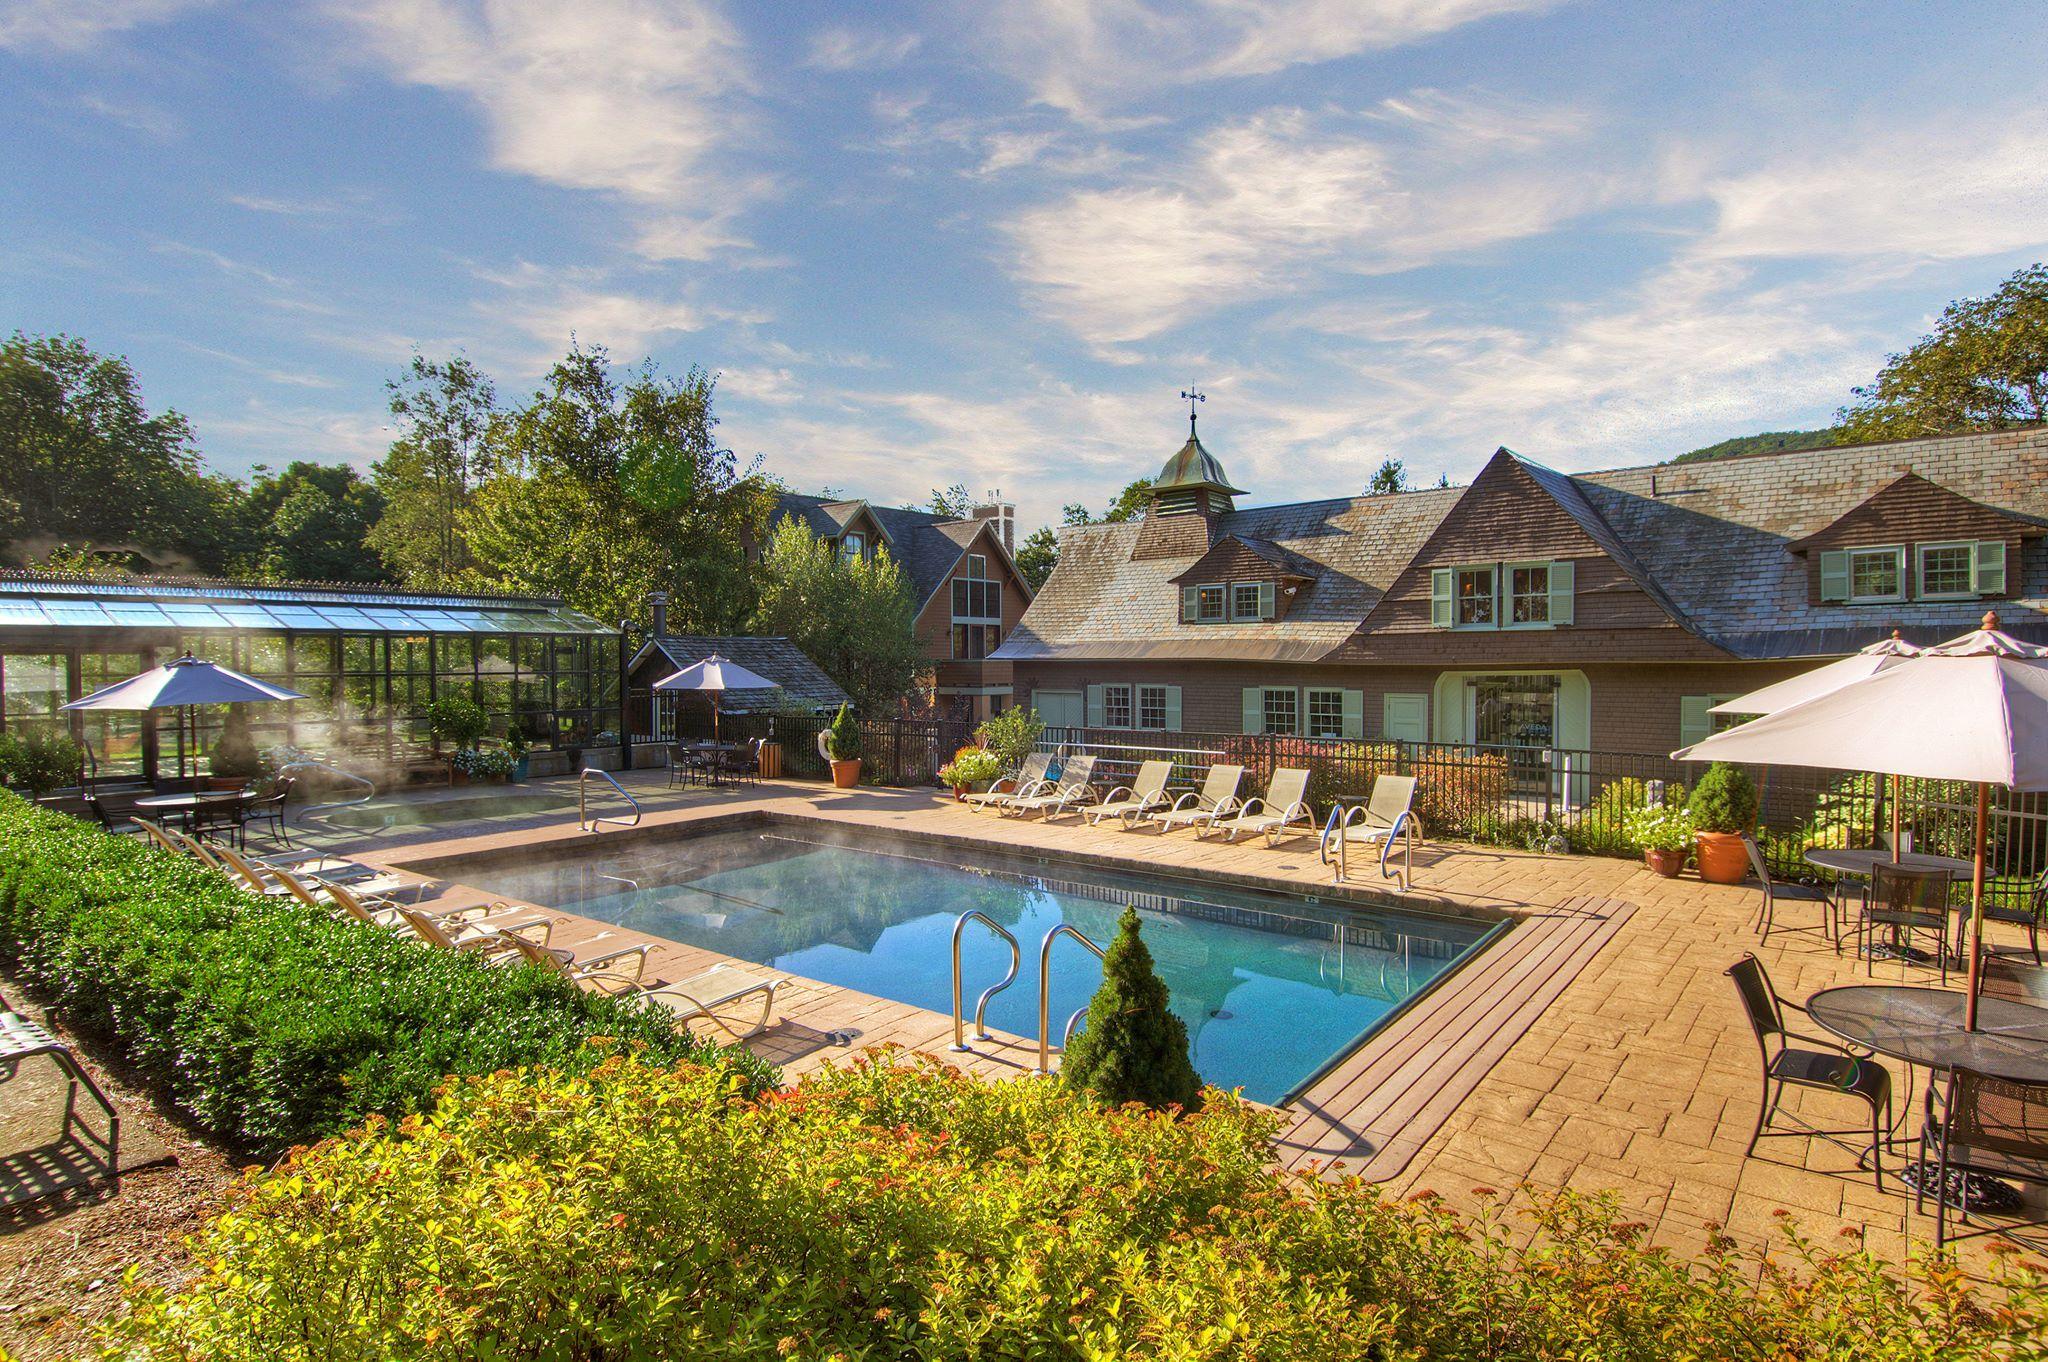 Vermont Spa Deals Spa Packages Spa Getaways Coupons Hills Resort Resort Spa Best Weekend Getaways